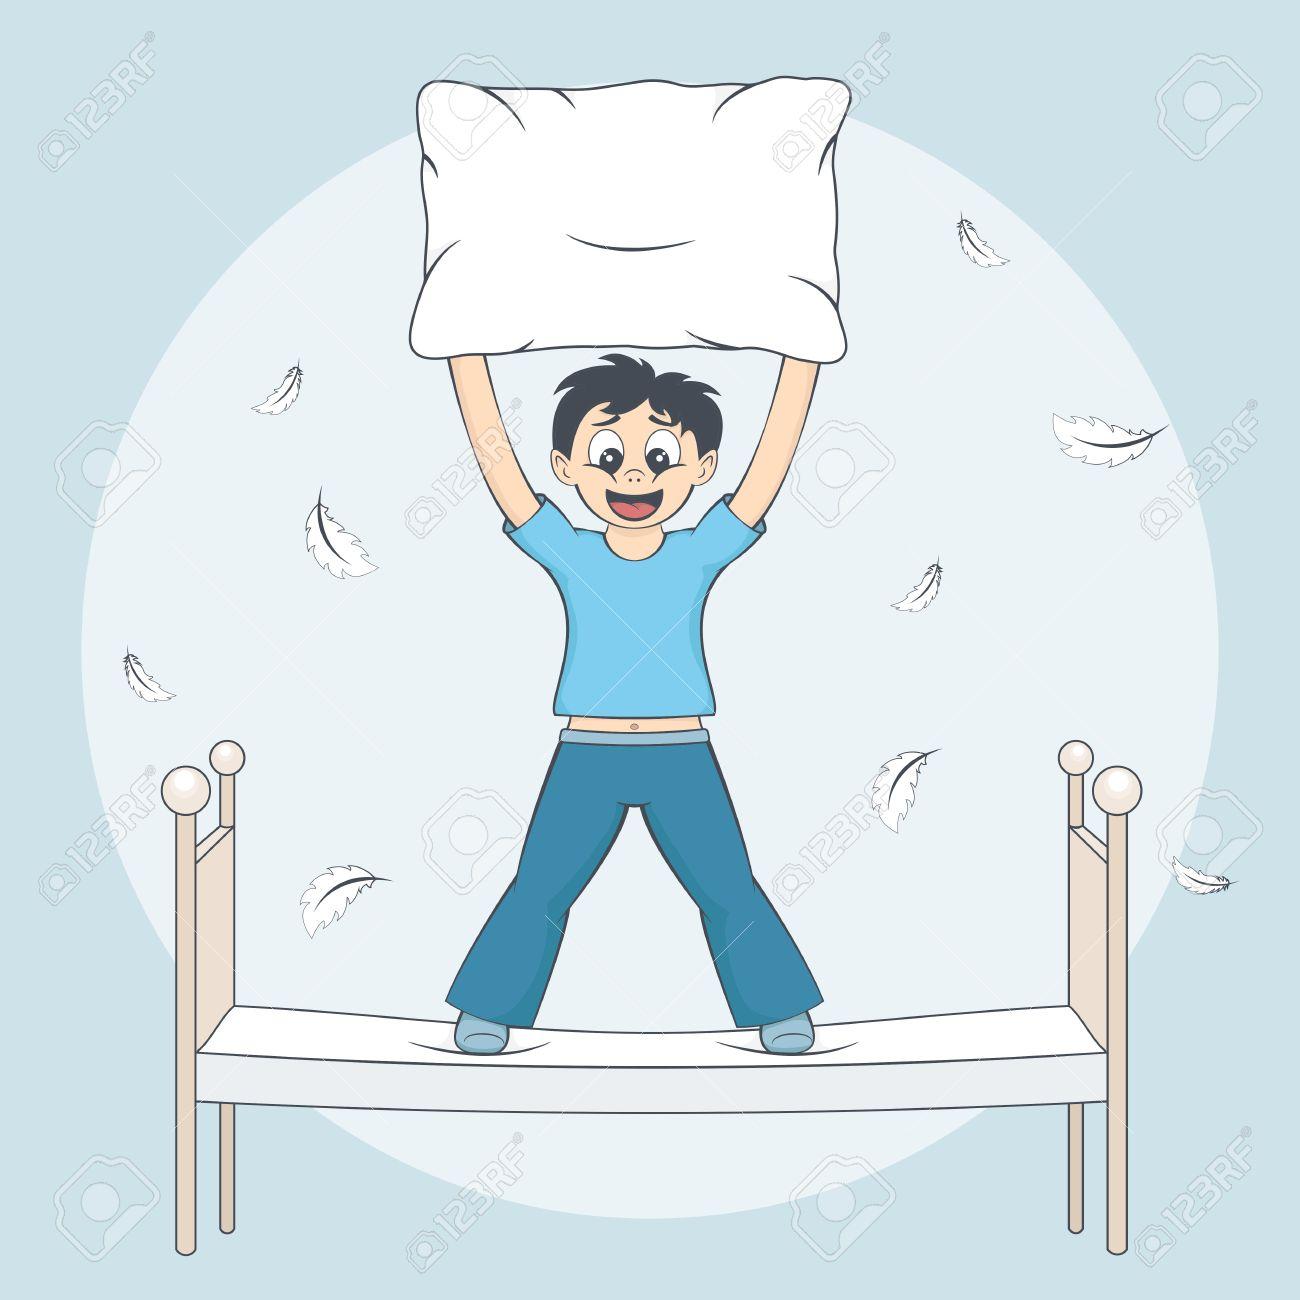 0151e90f2f Boy en pijama comienza pelea de almohadas. Plumas vuelan alrededor de la  cama. Niño